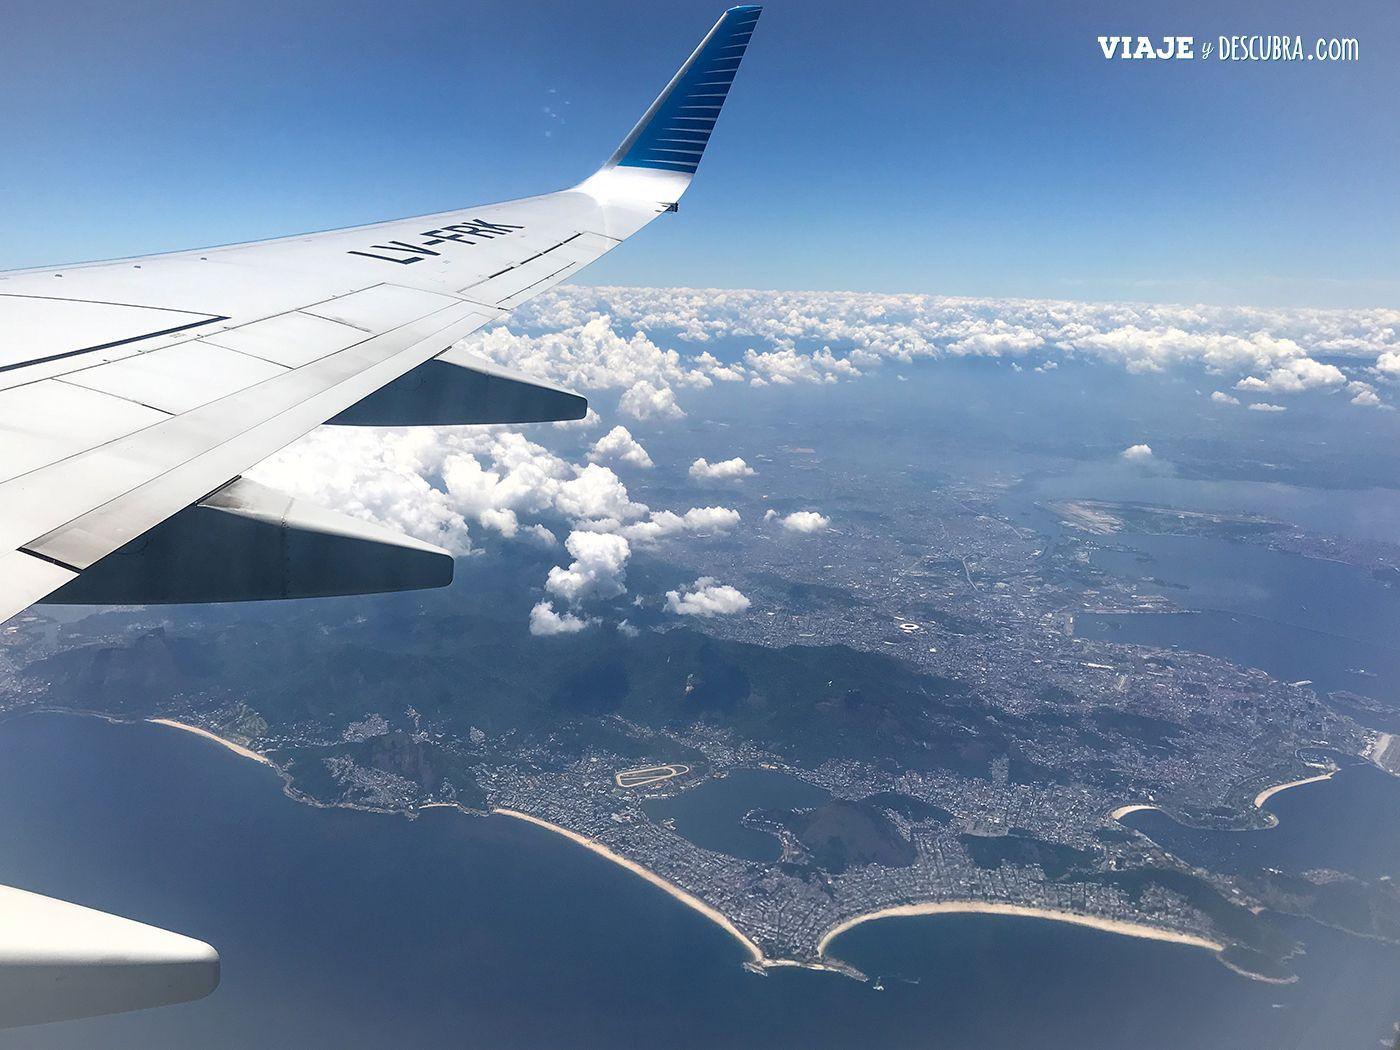 fronteras-aereas-brasil,-requisitos-para-ingresar-a-brasil,-avion